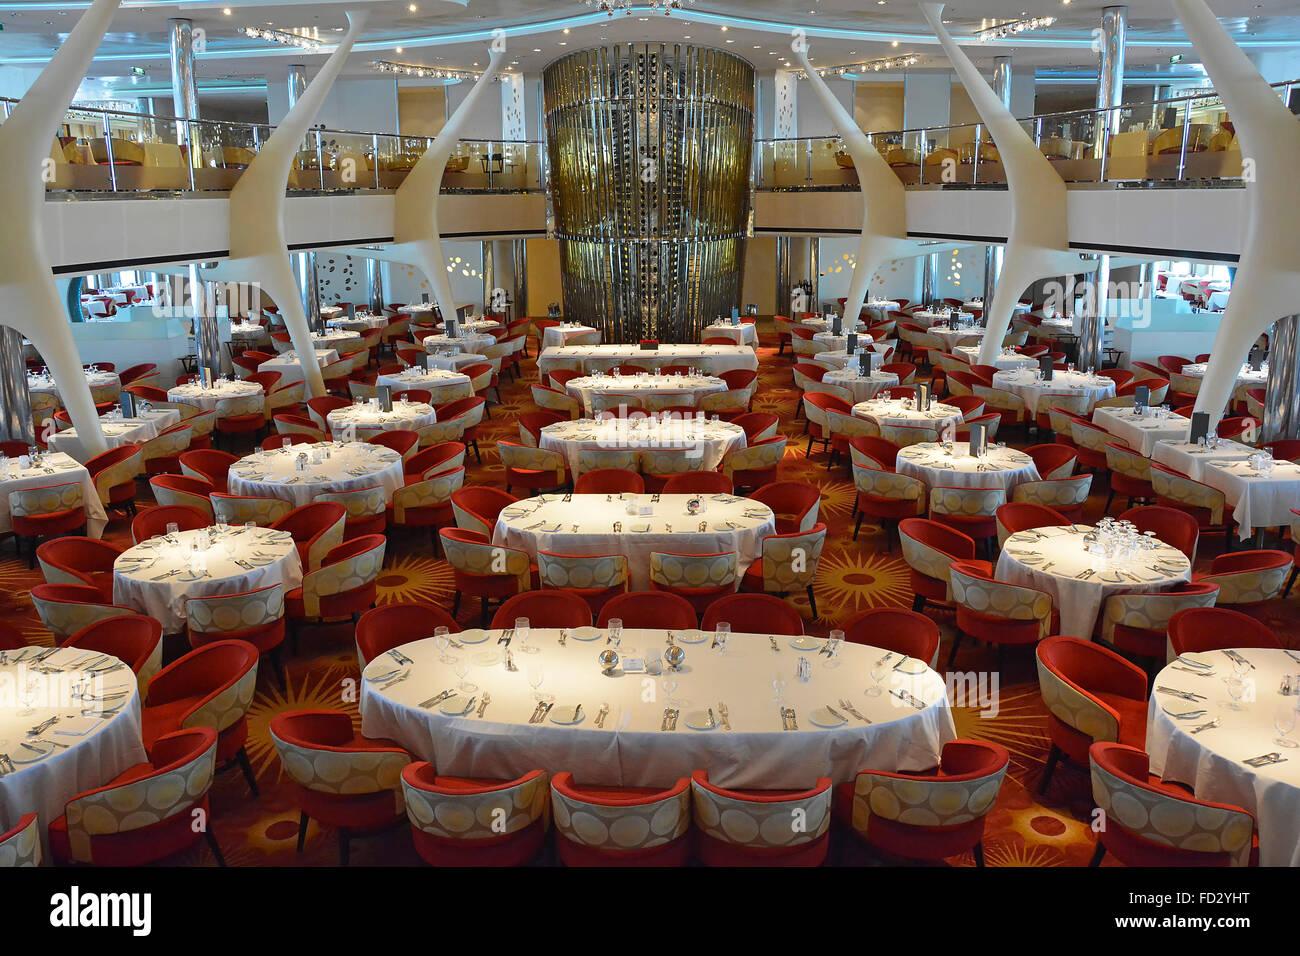 Crucero restaurante cuadros preparados para cenar por la noche Imagen De Stock